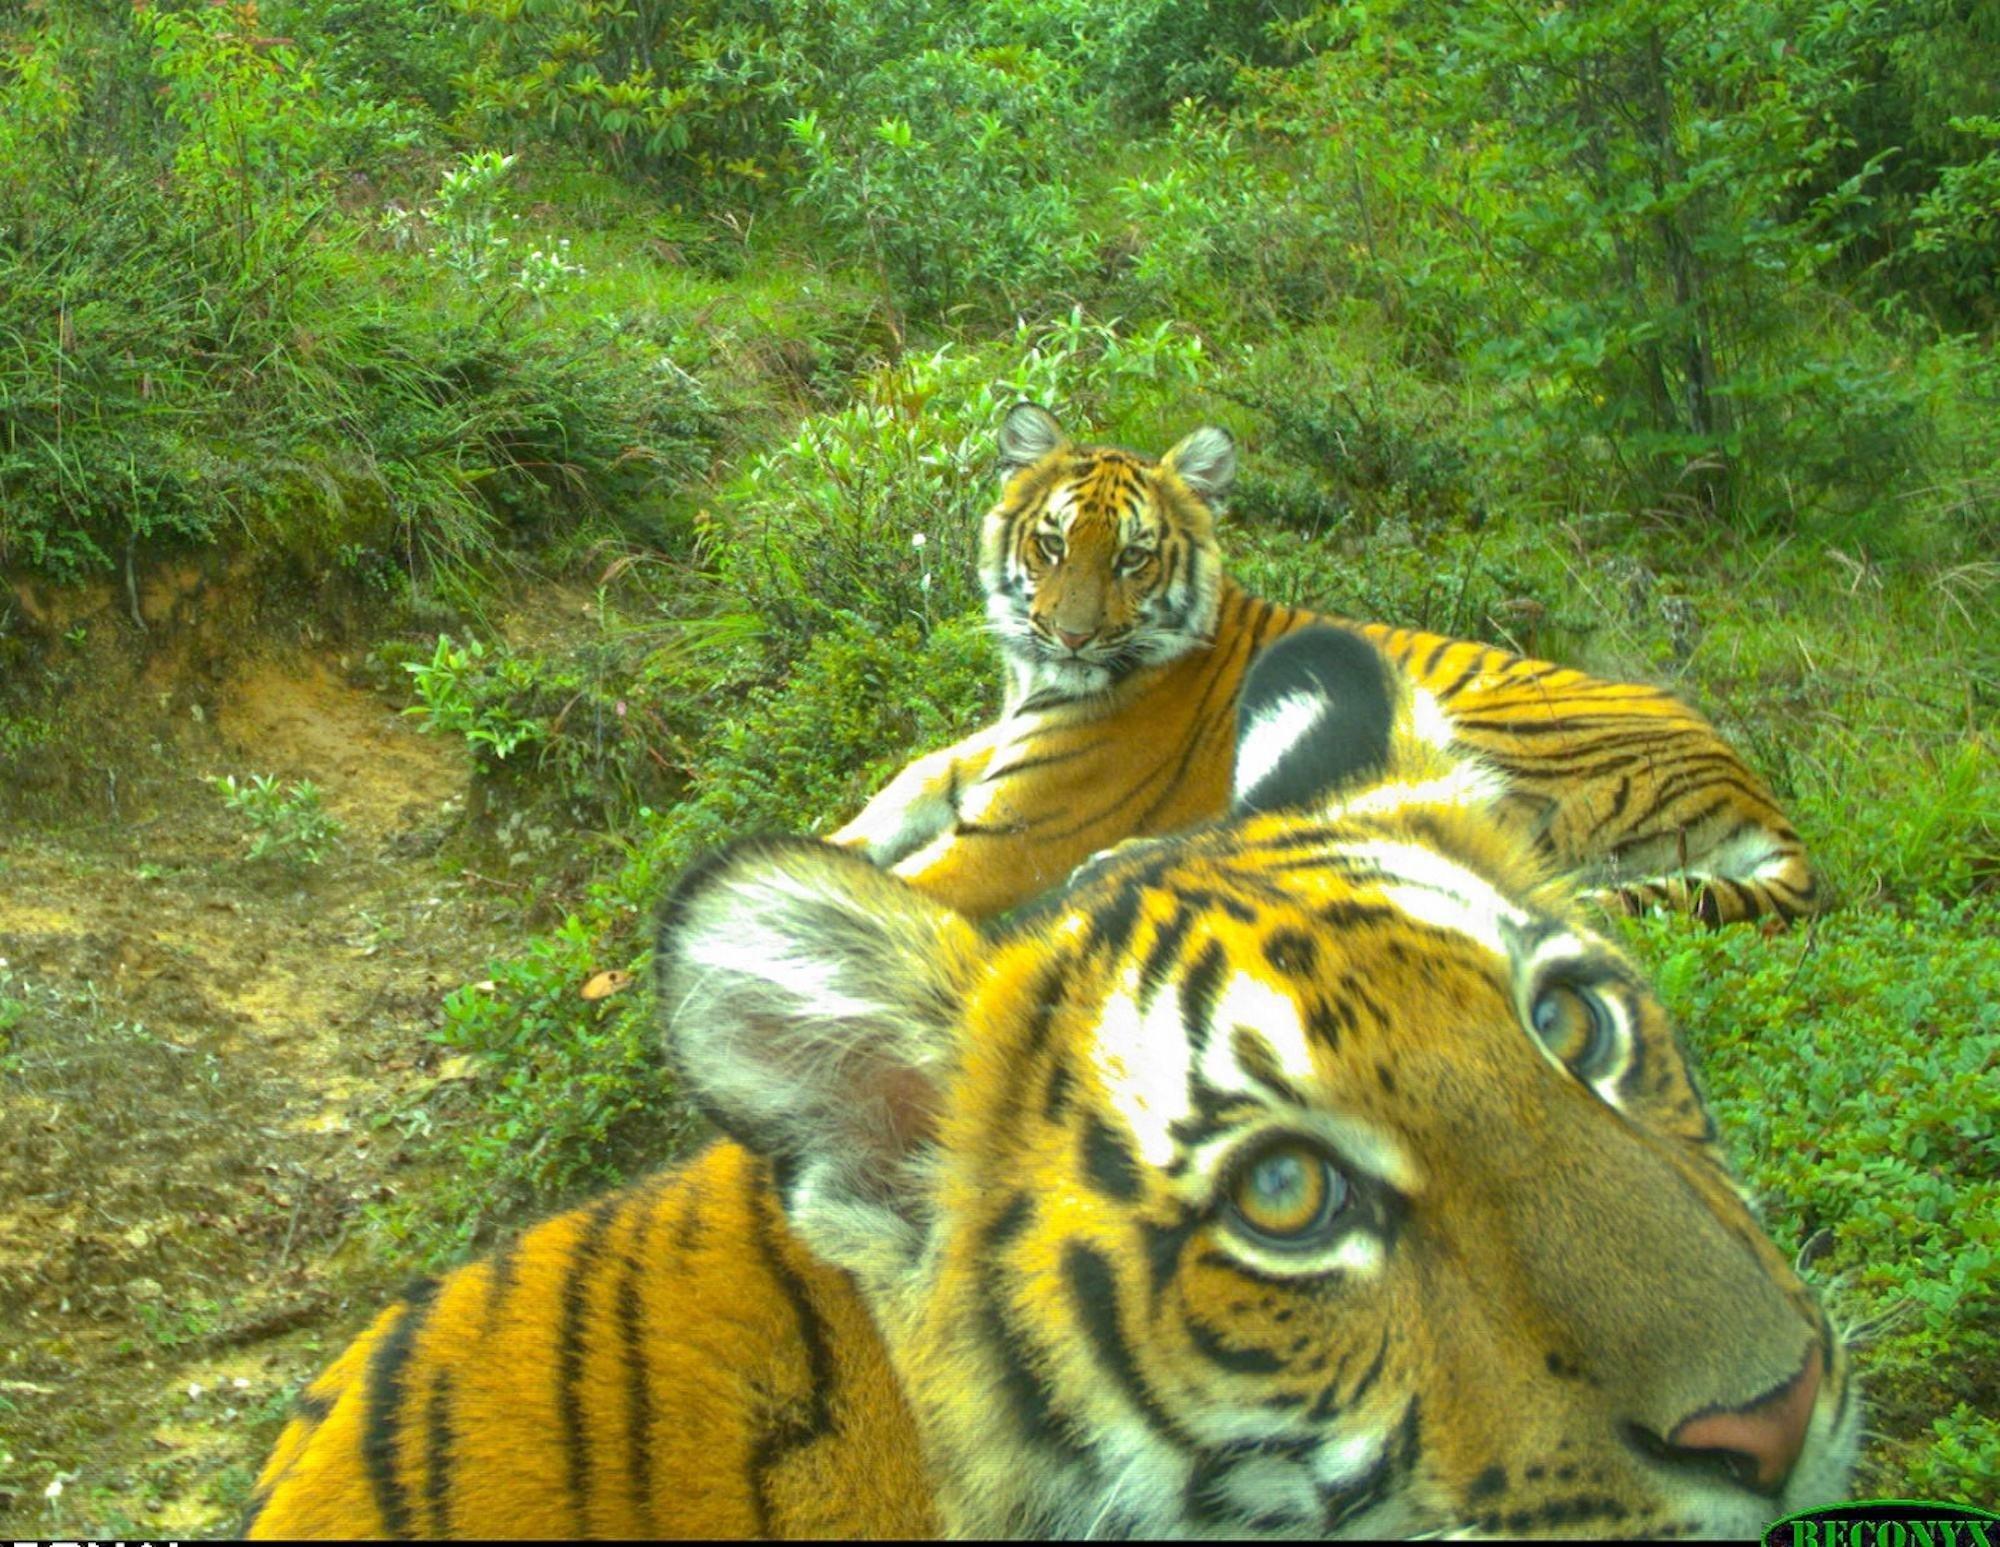 2018 से संयुक्त राष्ट्र पर्यावरण कार्यक्रम (यूनेप) अपने साझेदारों के साथ, भूटान में बाघ संरक्षण पर काम कर रहा है.